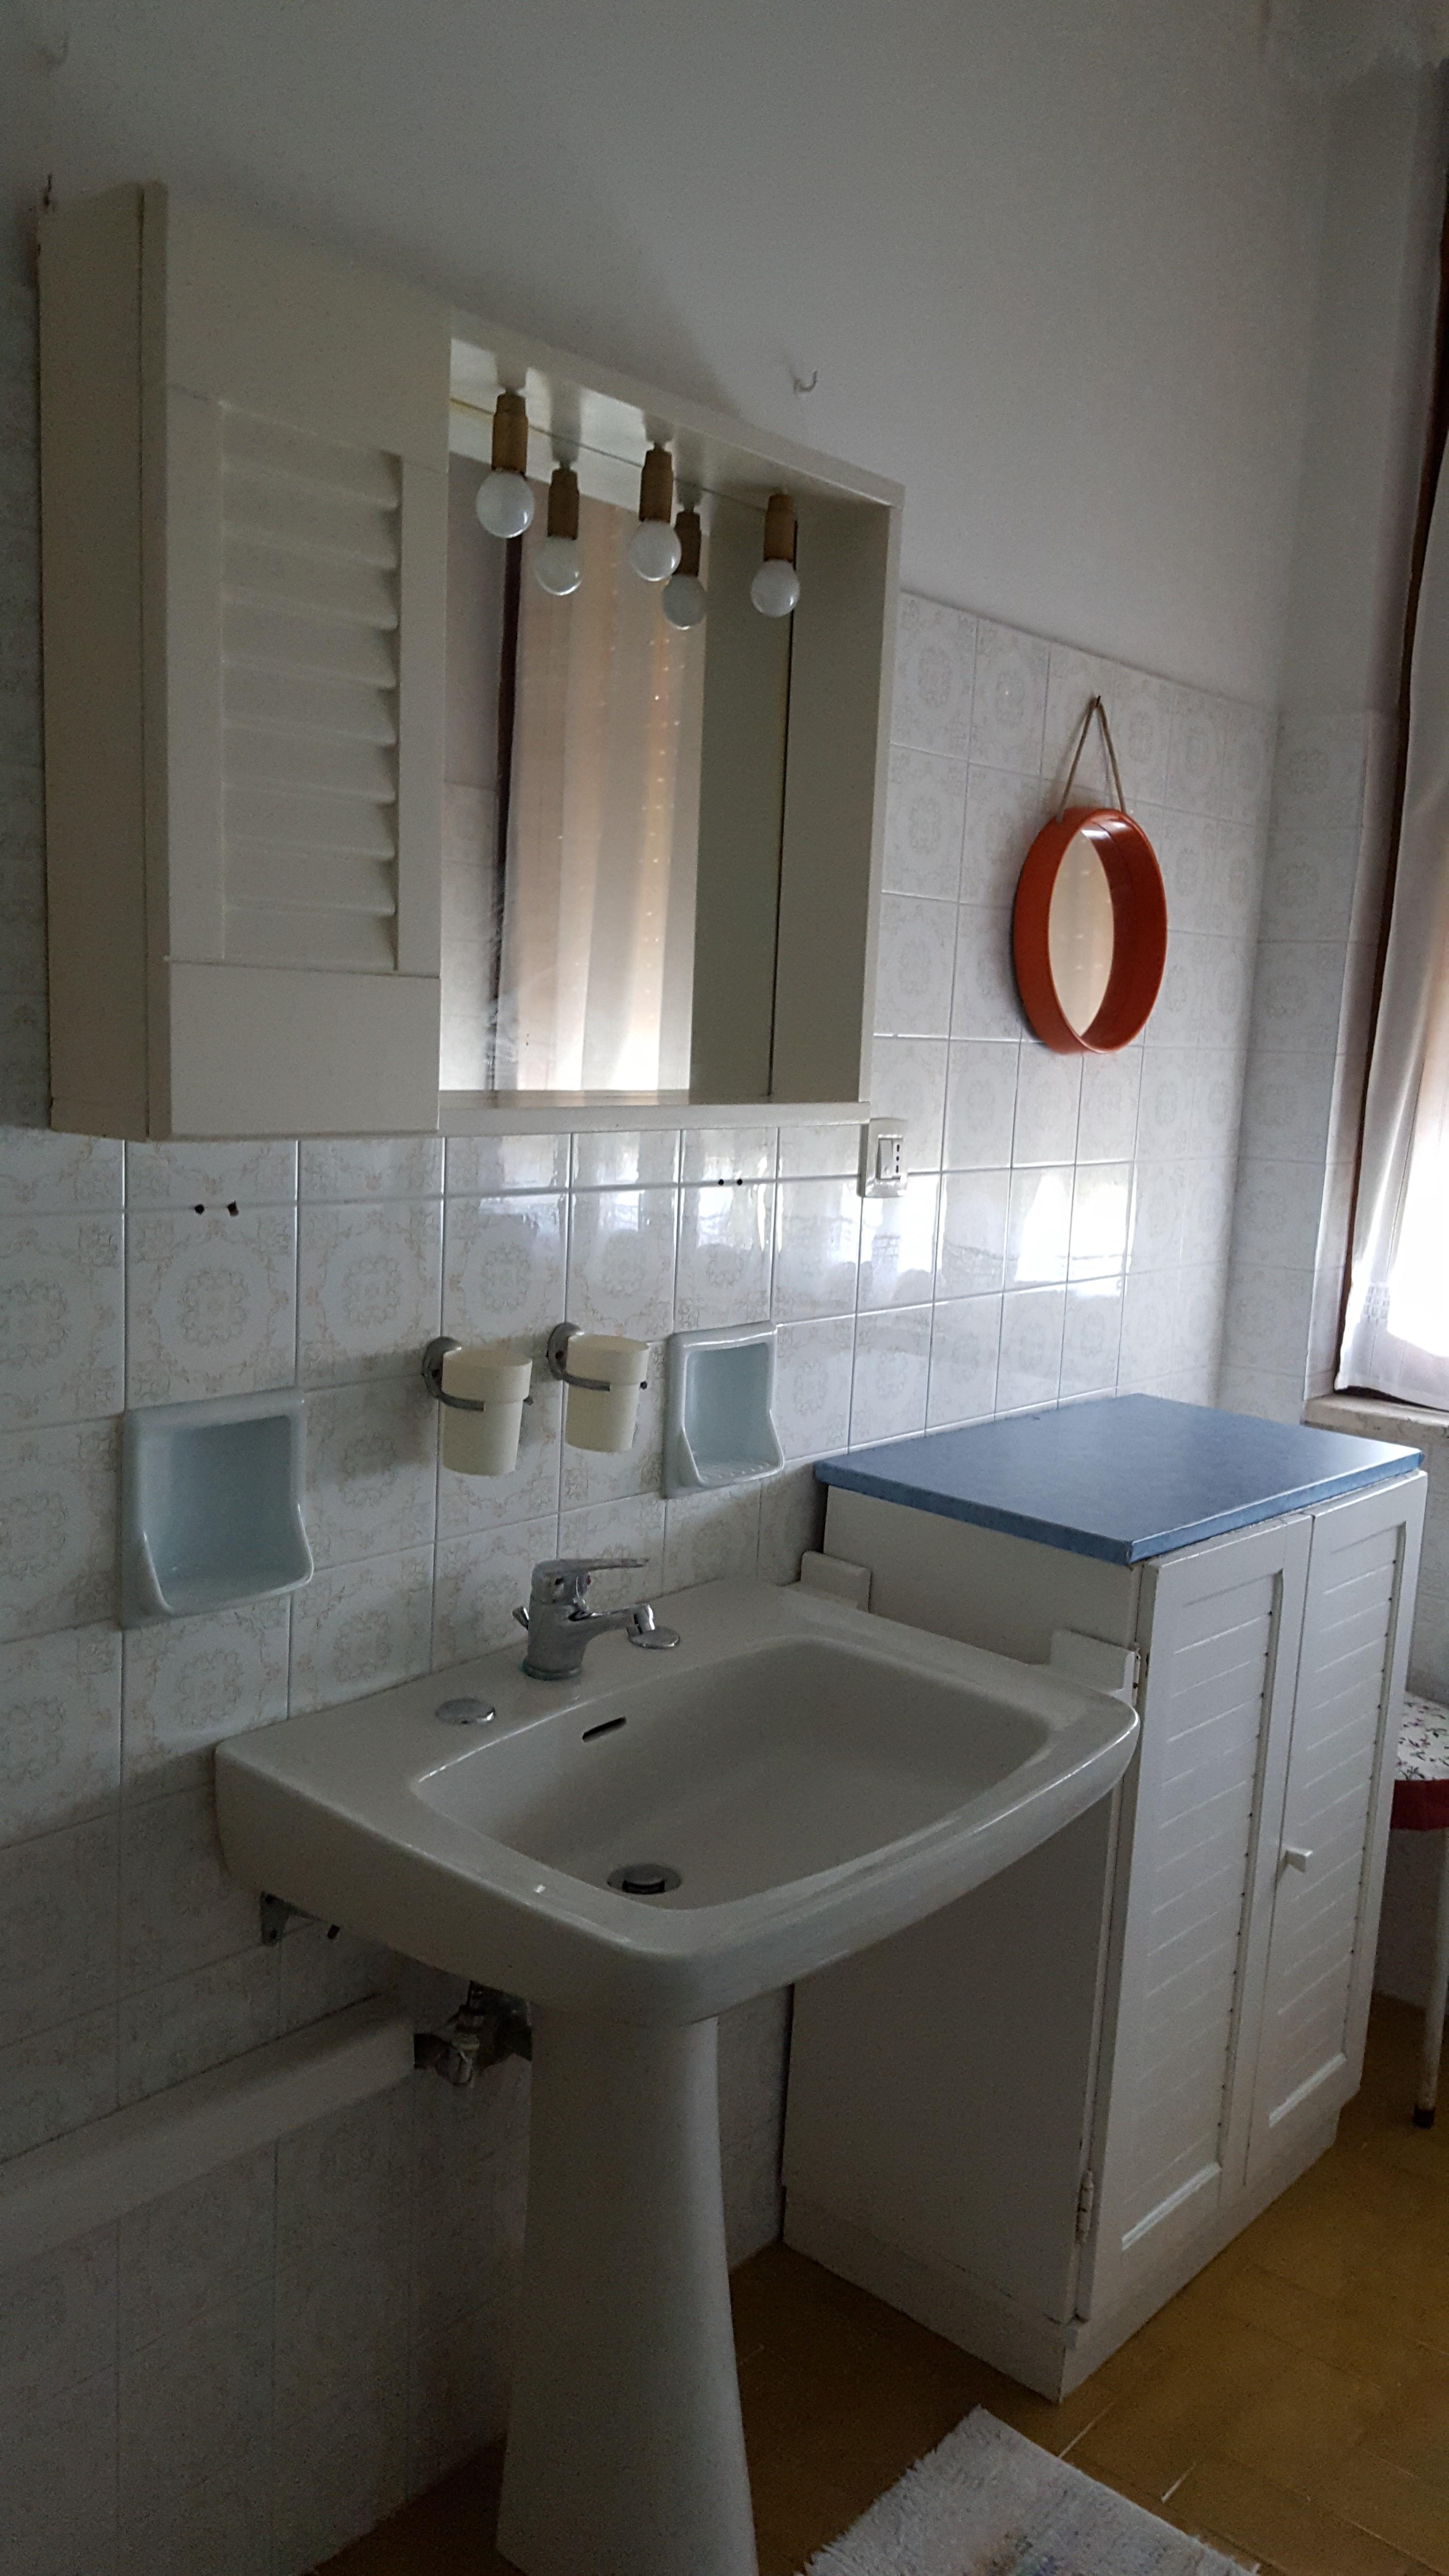 194_complesso-residenziale-baia-verde_baia_verde_(18).jpg